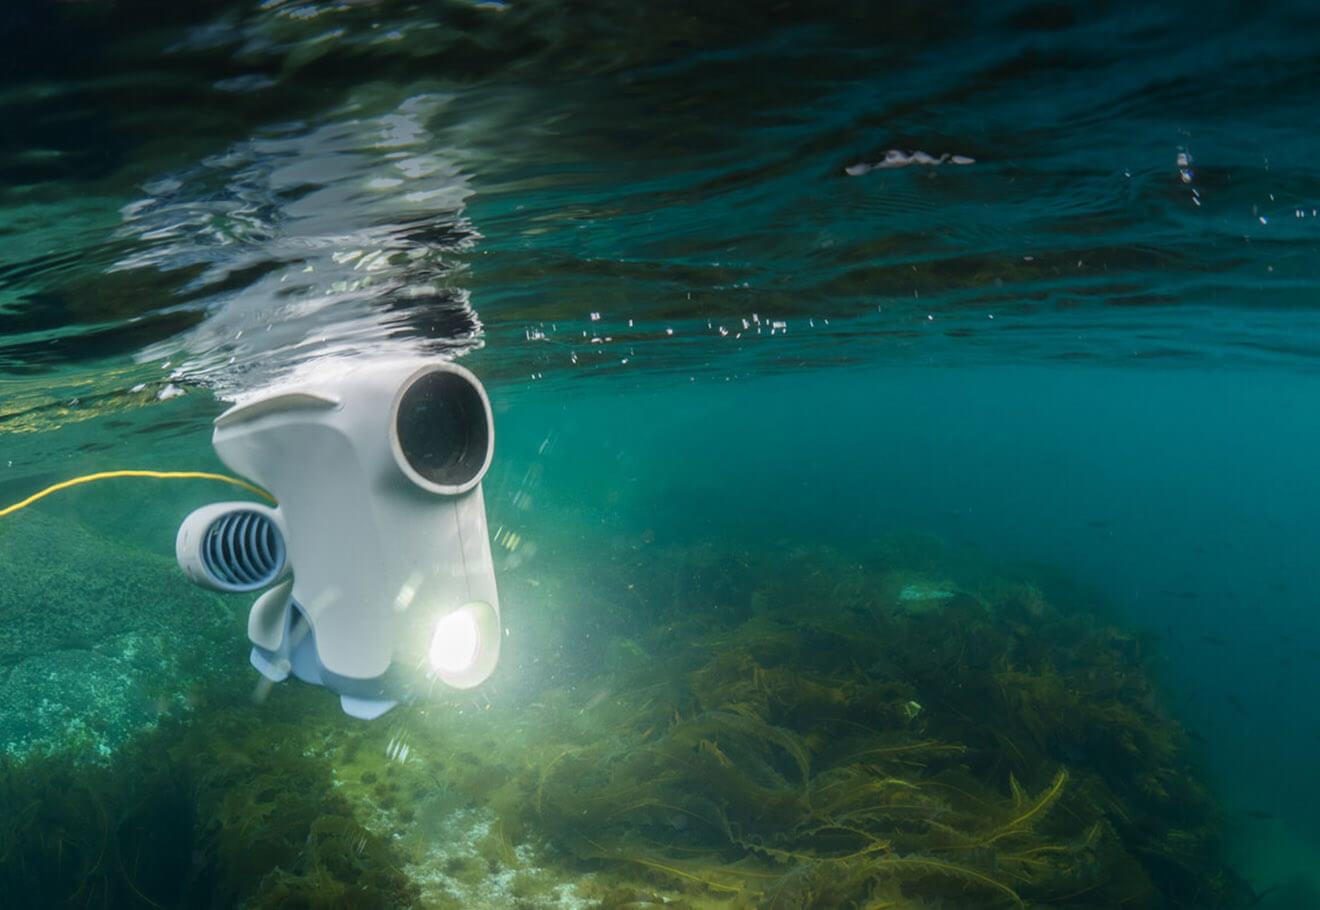 Underwater drone